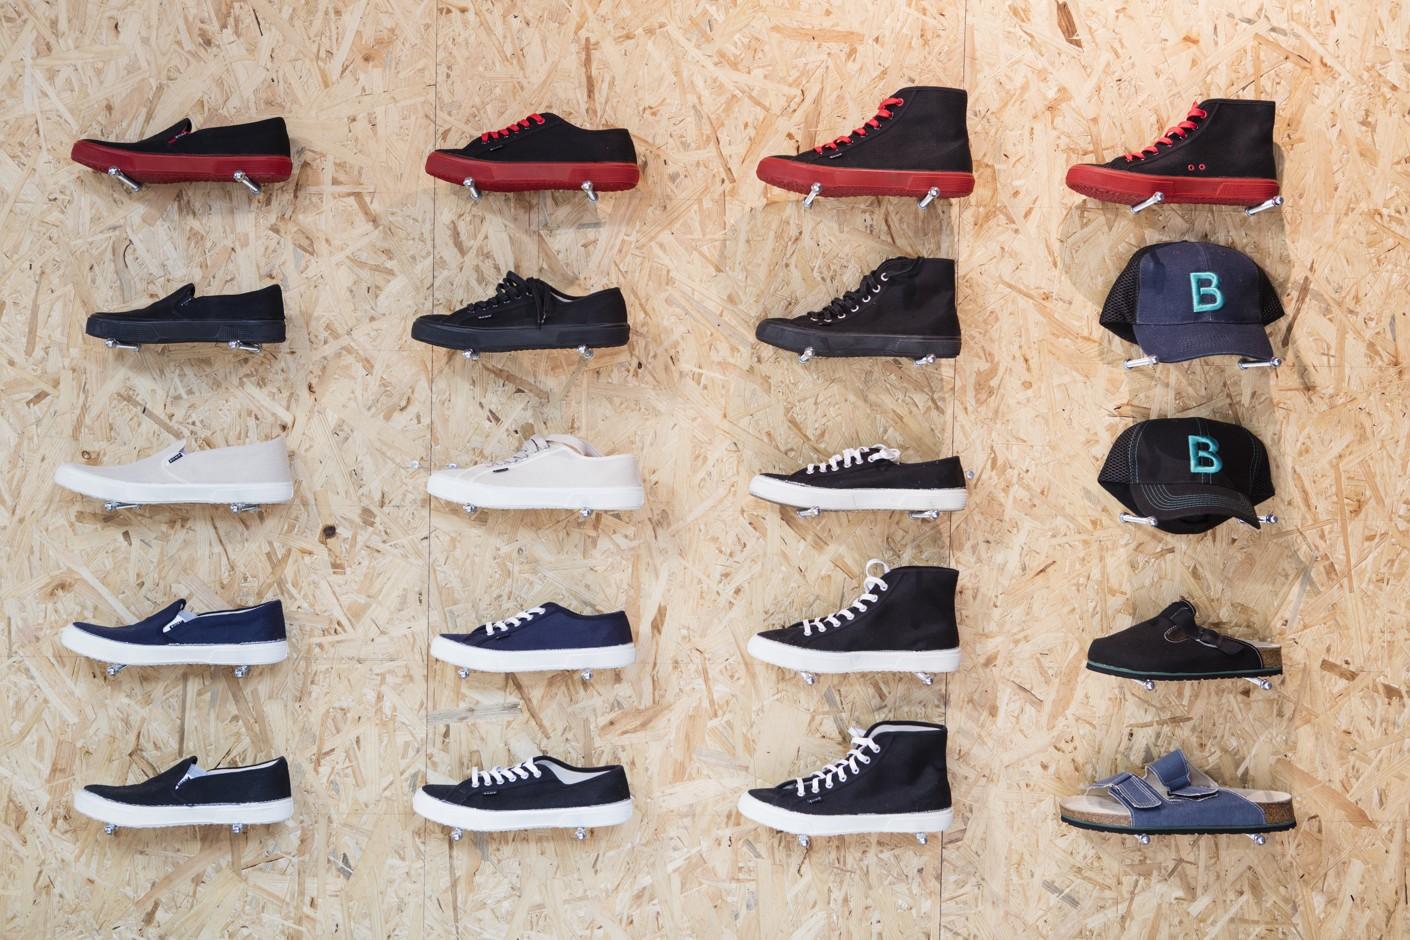 Konopné boty jsou nejznámějším prodejním artiklem Tomášovy společnosti.